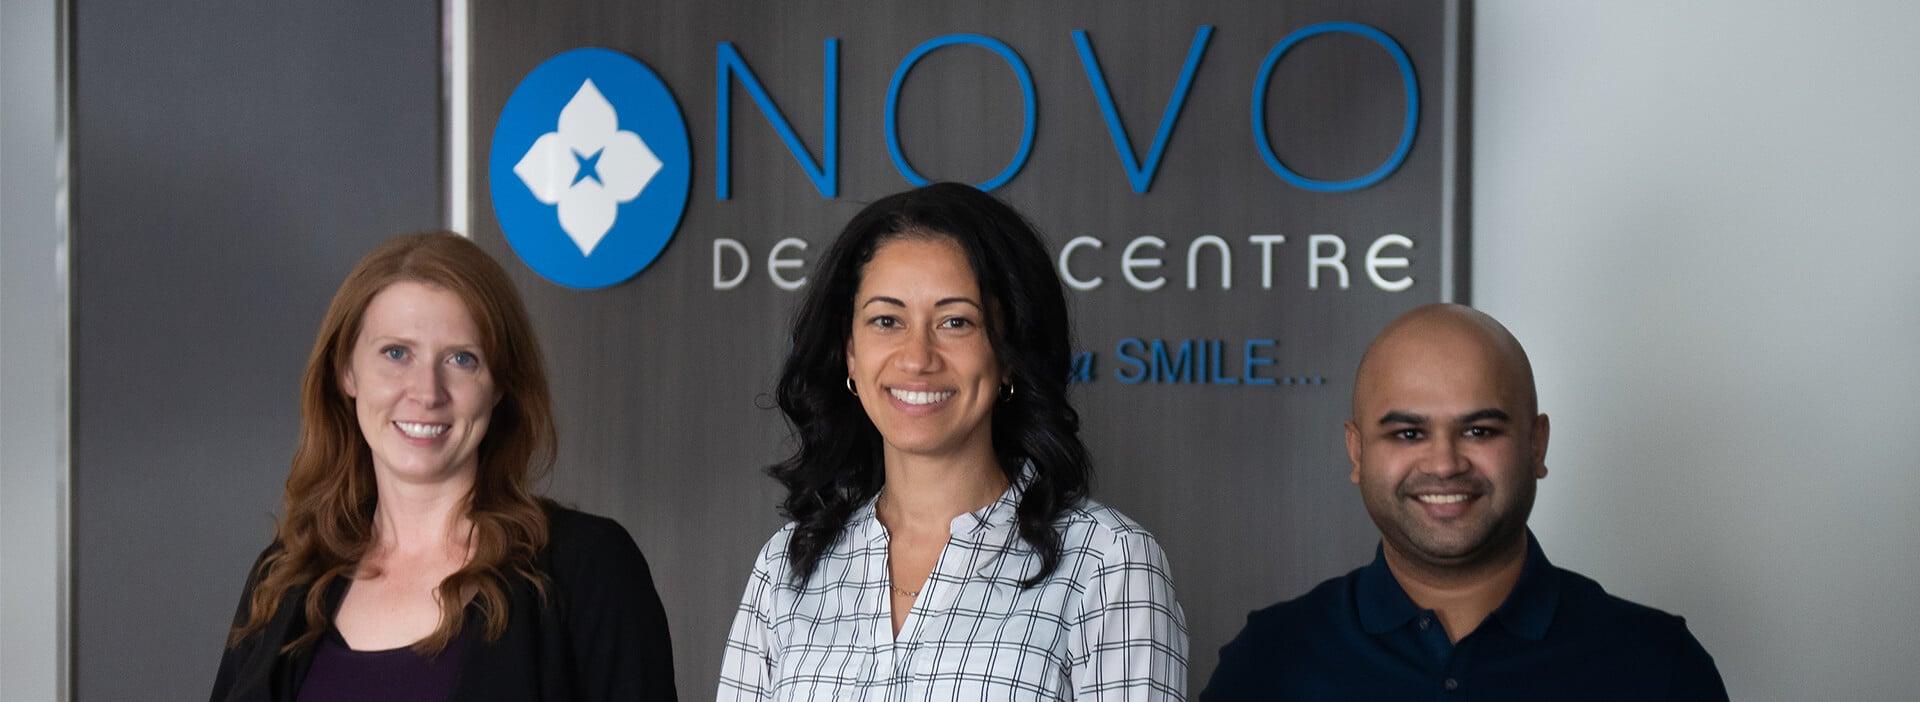 NOVO Dental Center - Dental Care Team